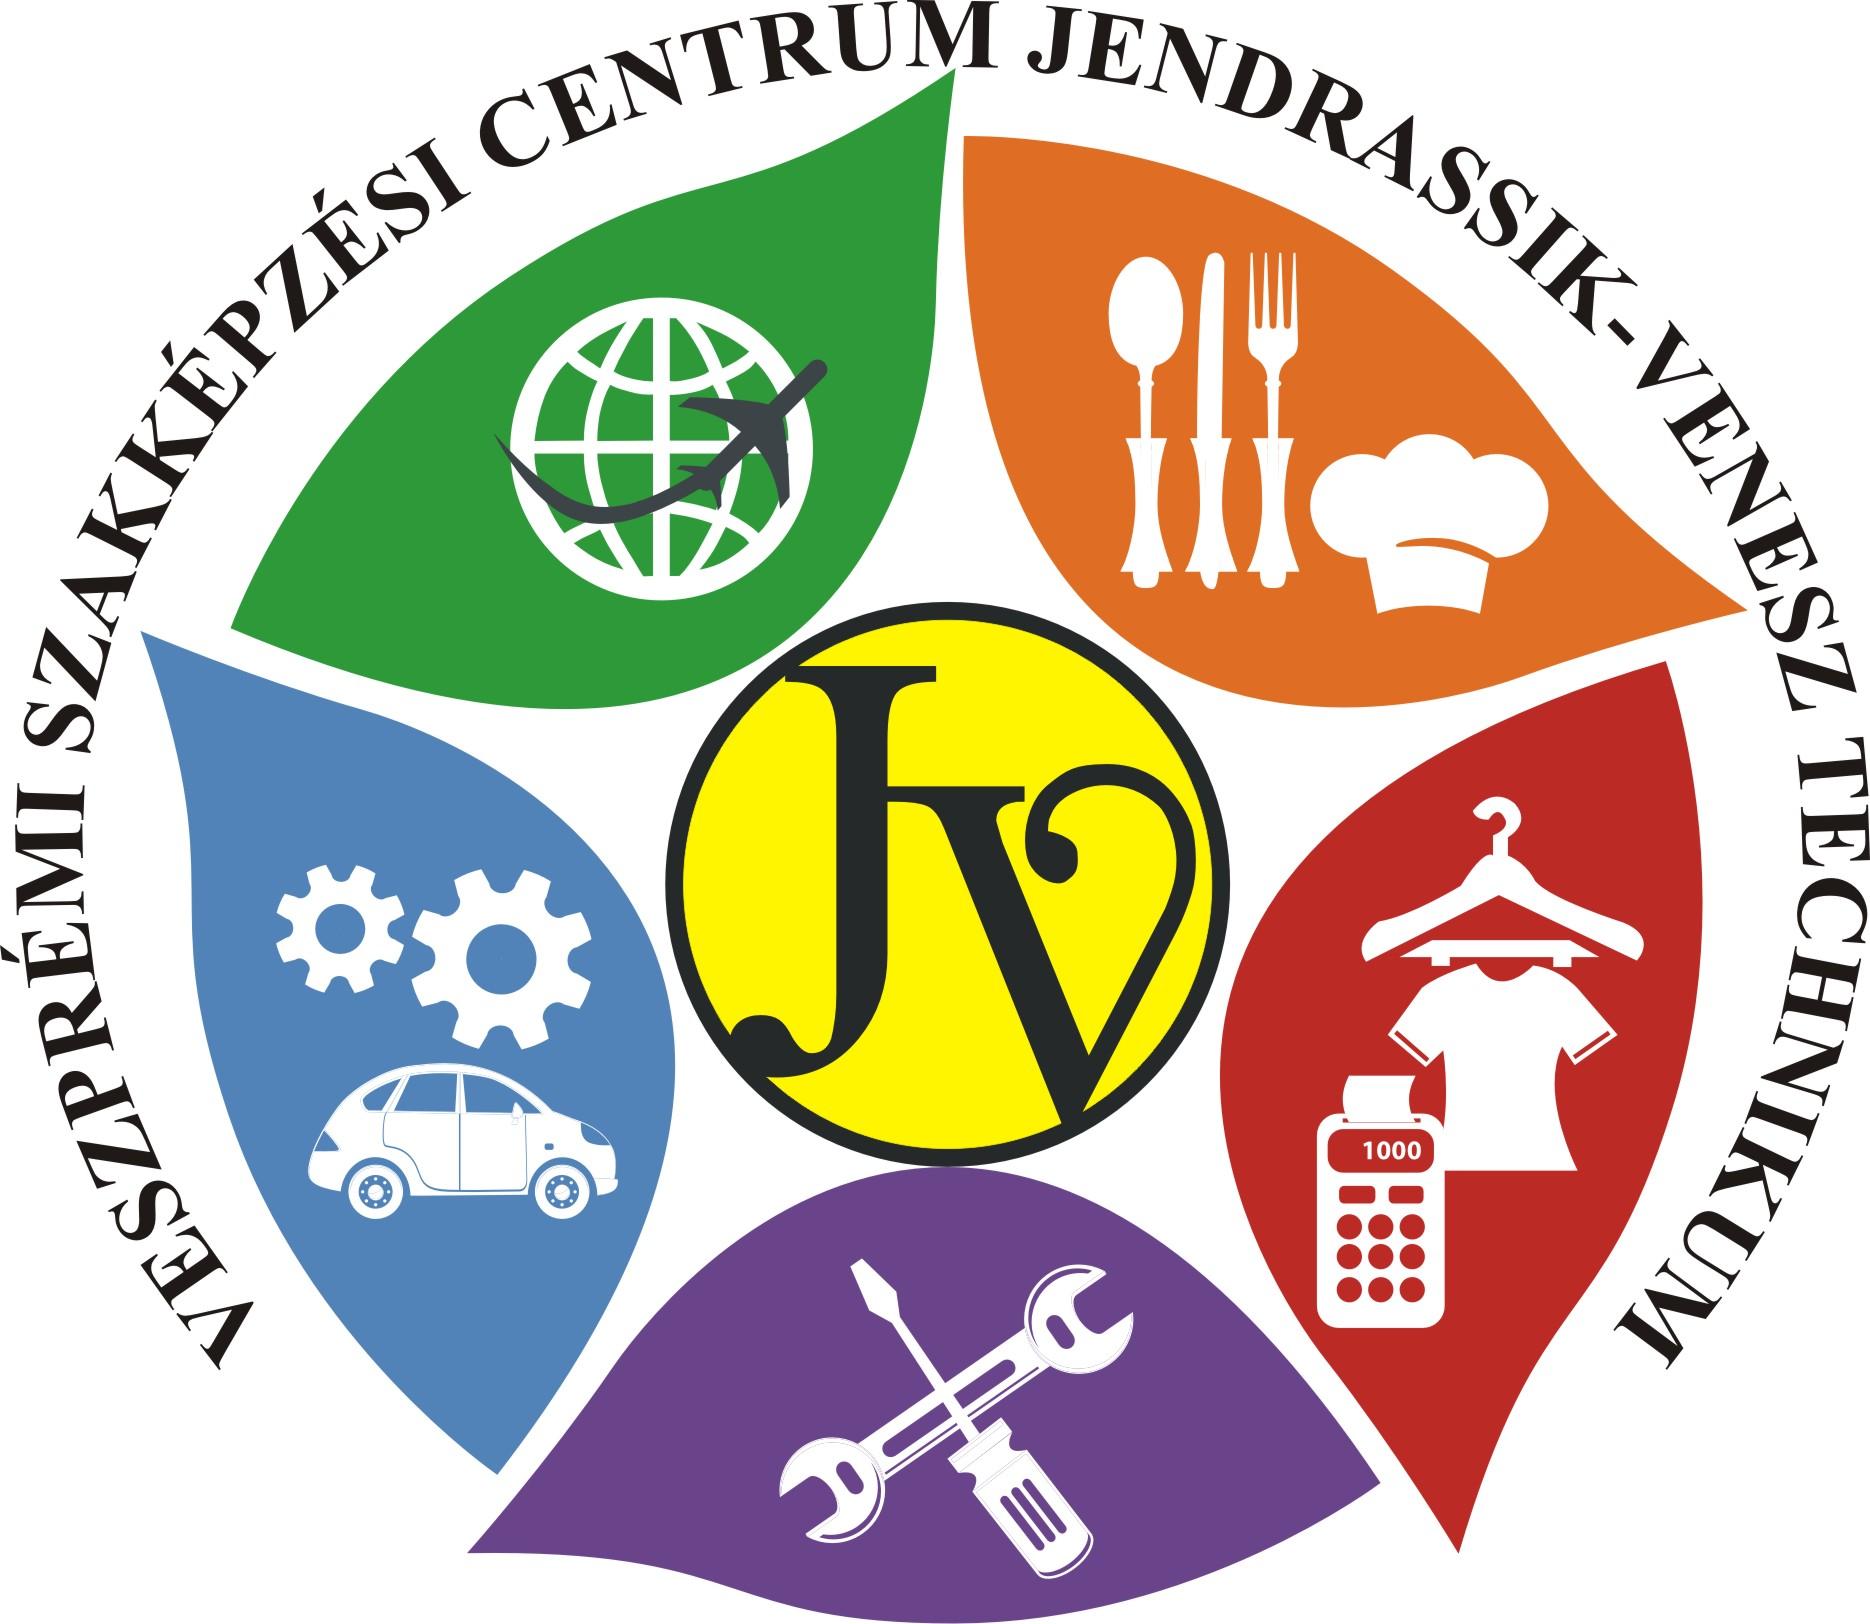 Jendrassik-venesz logó